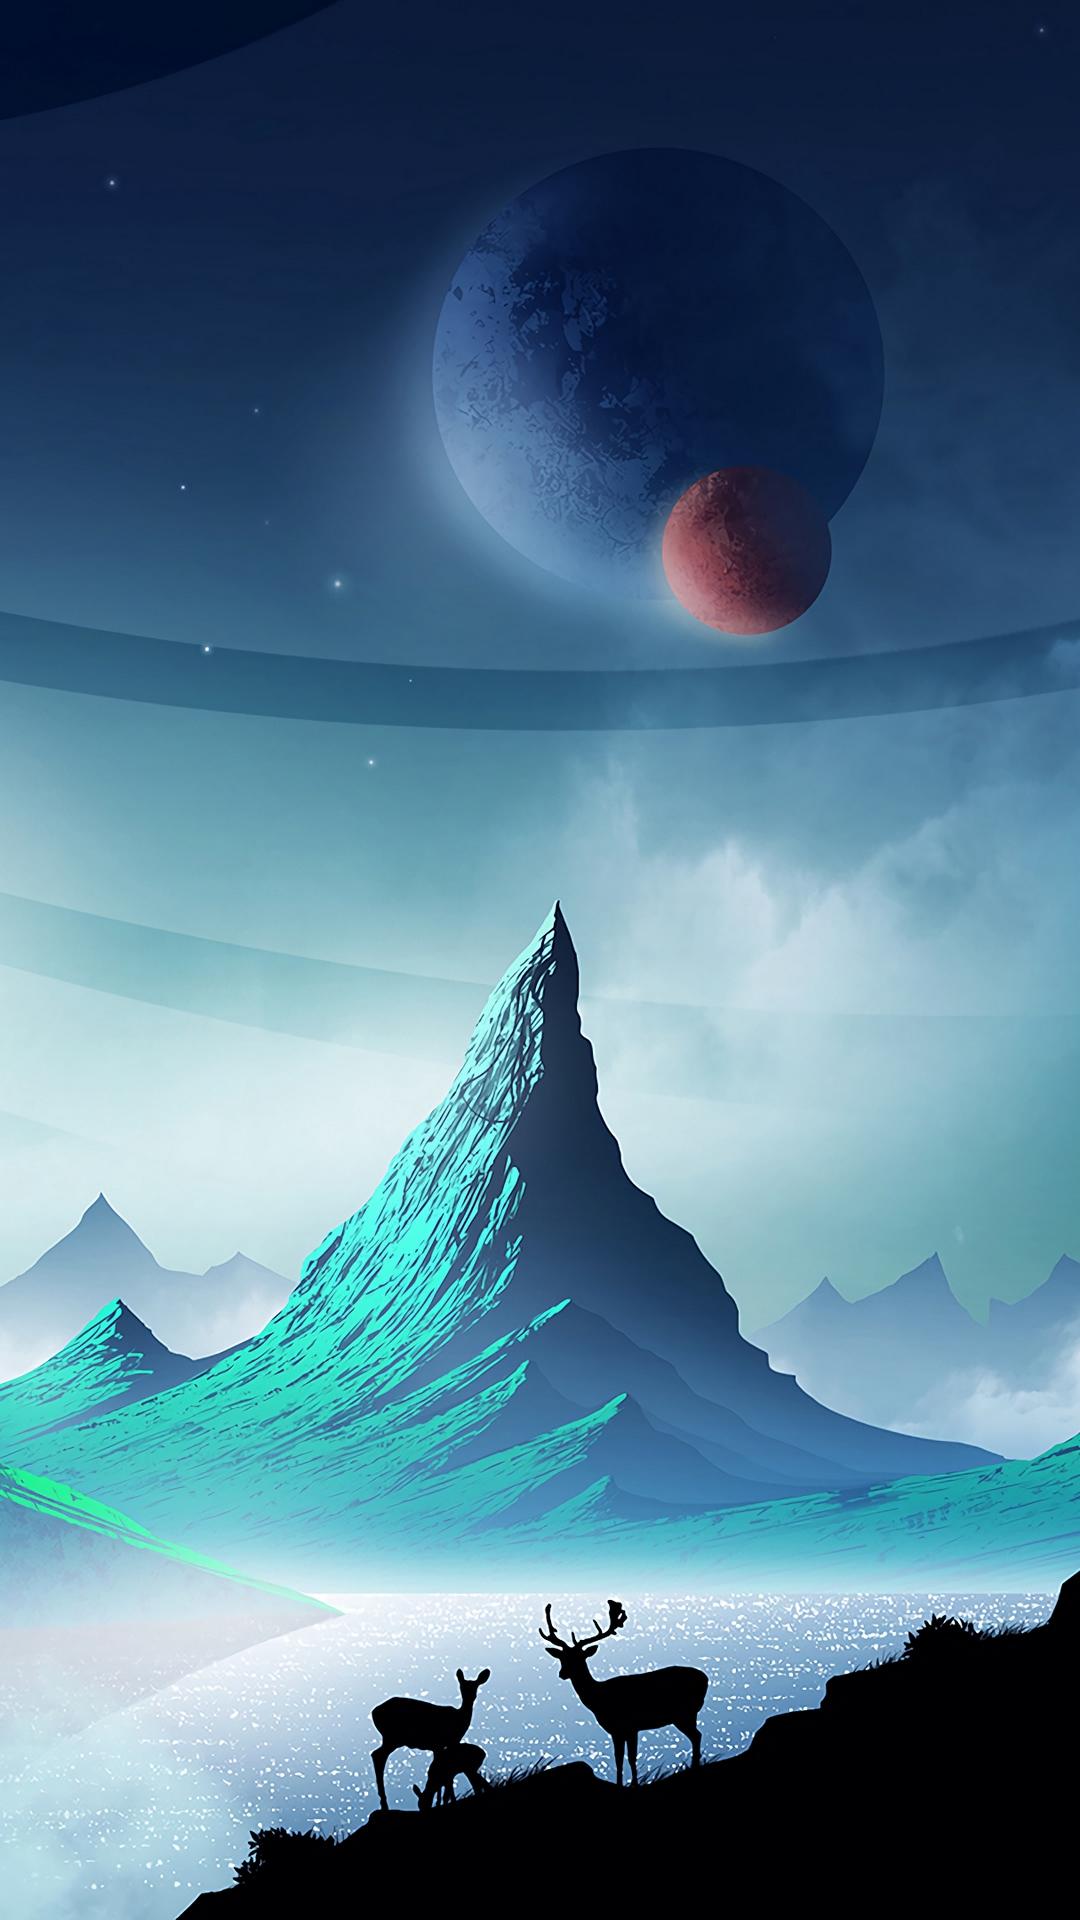 deer mountains art 142079 1080x1920 - Pack de Fondos de Pantalla de Montañas